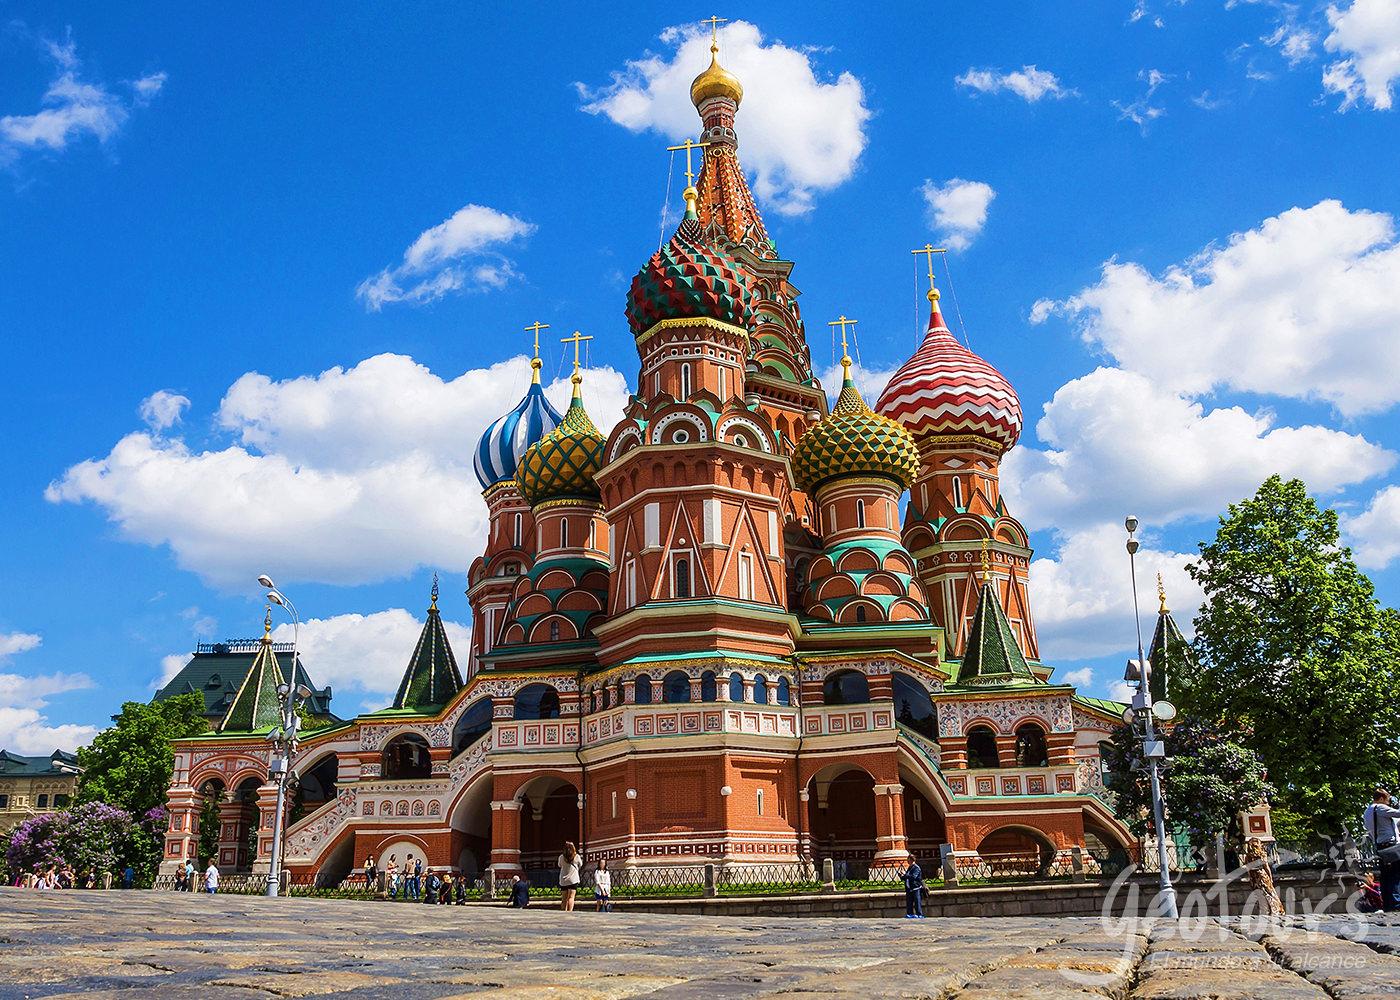 Viajes a Turquía y Rusia 18 días, con Tiquetes en agosto 2018